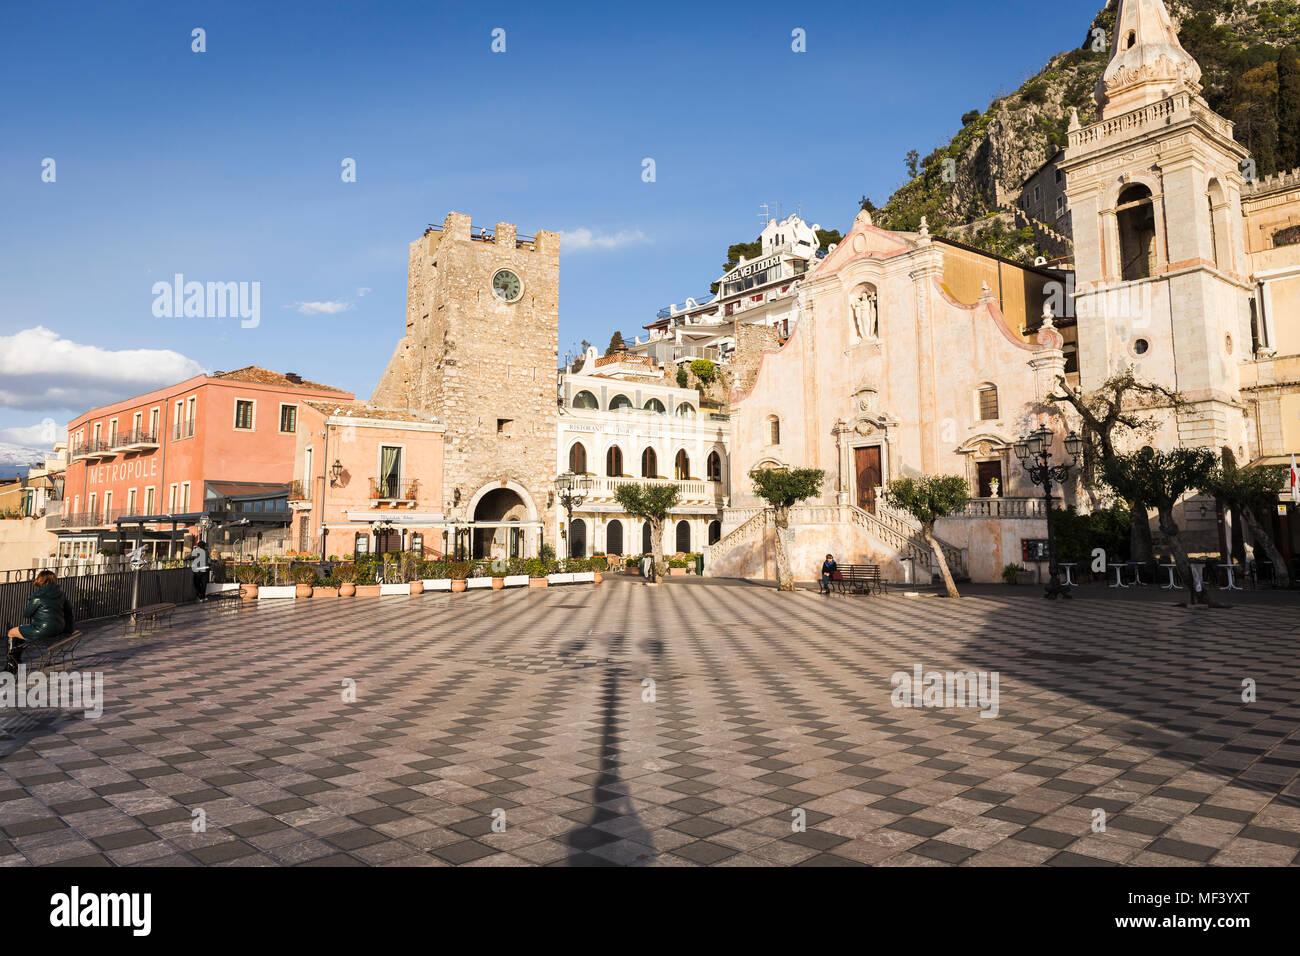 Piazza IX Aprile Square, San Giuseppe chiesa e torre dell Orologio a Taormina, in Sicilia. Immagini Stock